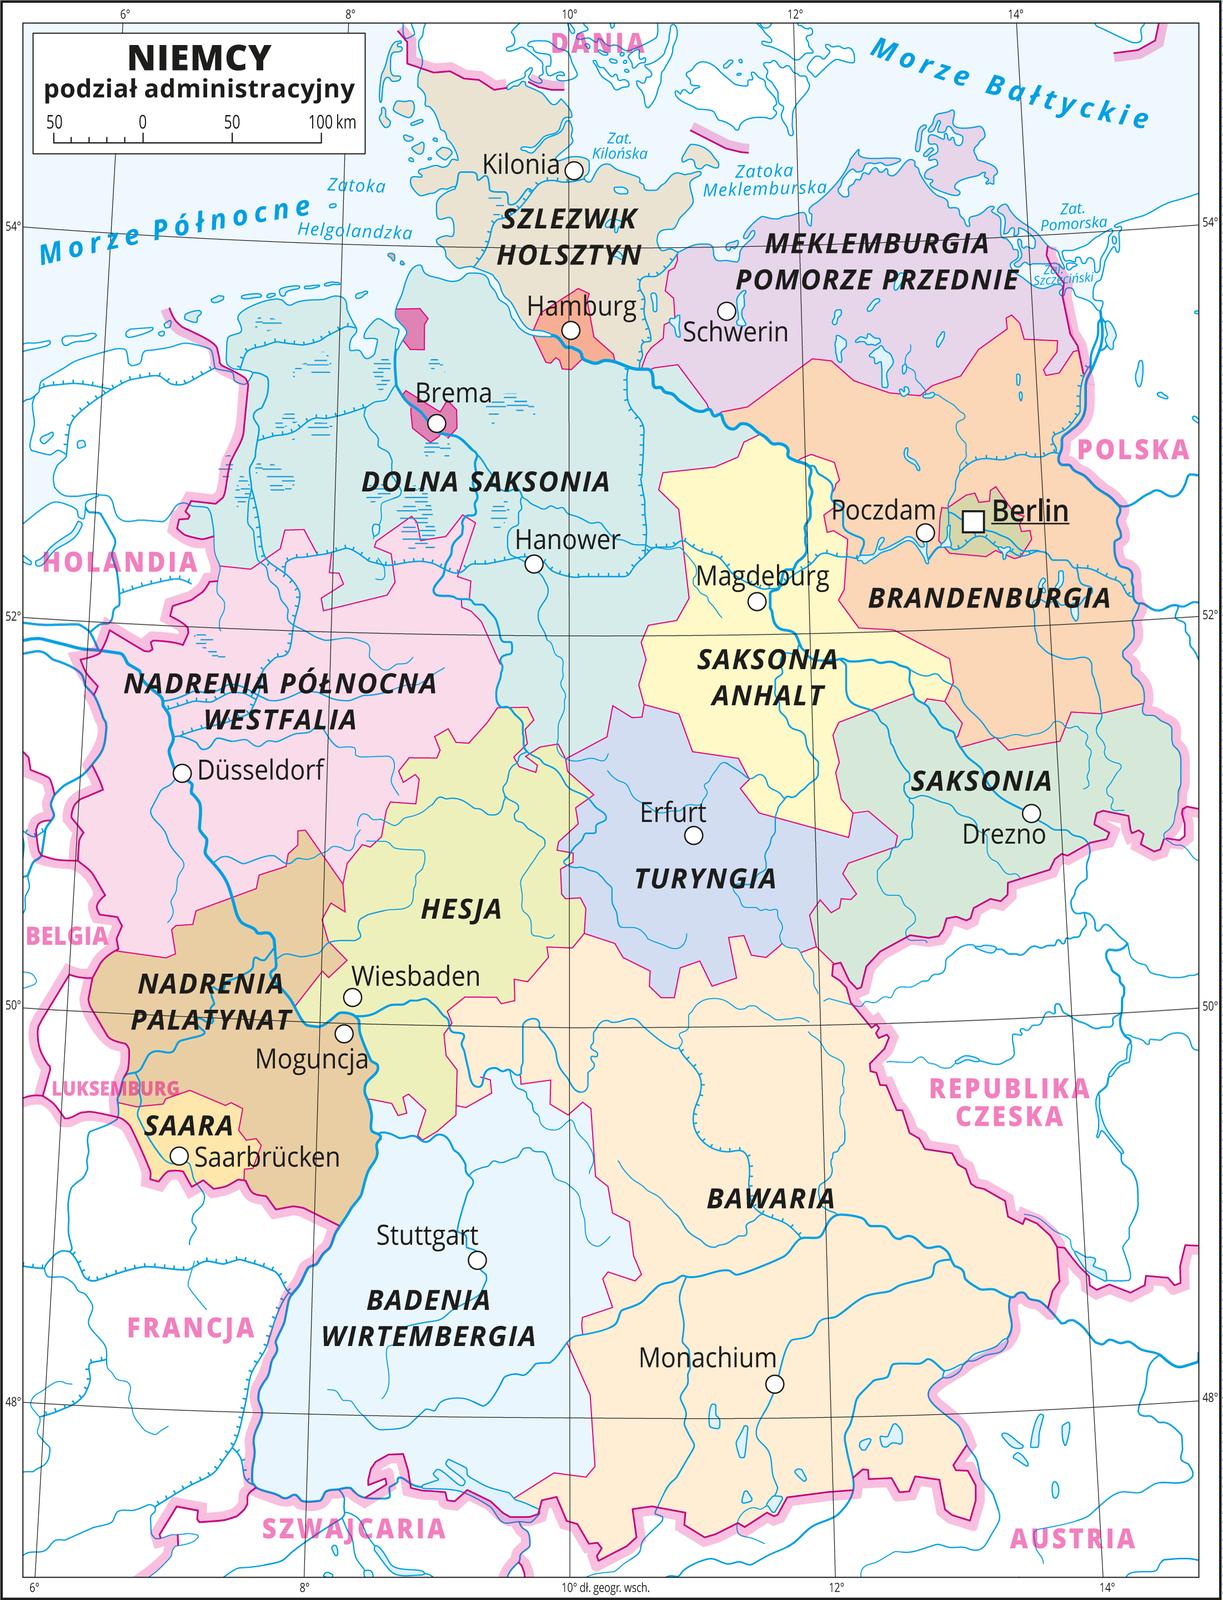 Ilustracja przedstawia mapę polityczną Niemiec zpodziałem na jednostki administracyjne – landy imiasta wydzielone. Kolorami wyróżniono landy: Badenia-Wirtembergia, Bawaria, Brandenburgia, Dolna Saksonia, Hesja, Meklemburgia-Pomorze Przednie, Nadrenia Północna-Westfalia, Nadrenia-Palatynat, Saara, Saksonia, Saksonia-Anhalt , Szlezwik-Holsztyn, Turyngia. Miasta wydzielone: Berlin, Brema, Hamburg. Białymi kropkami oznaczono główne miasta iopisano je. Mapa pokryta jest równoleżnikami ipołudnikami. Dookoła mapy wbiałej ramce opisano współrzędne geograficzne co dwa stopnie.